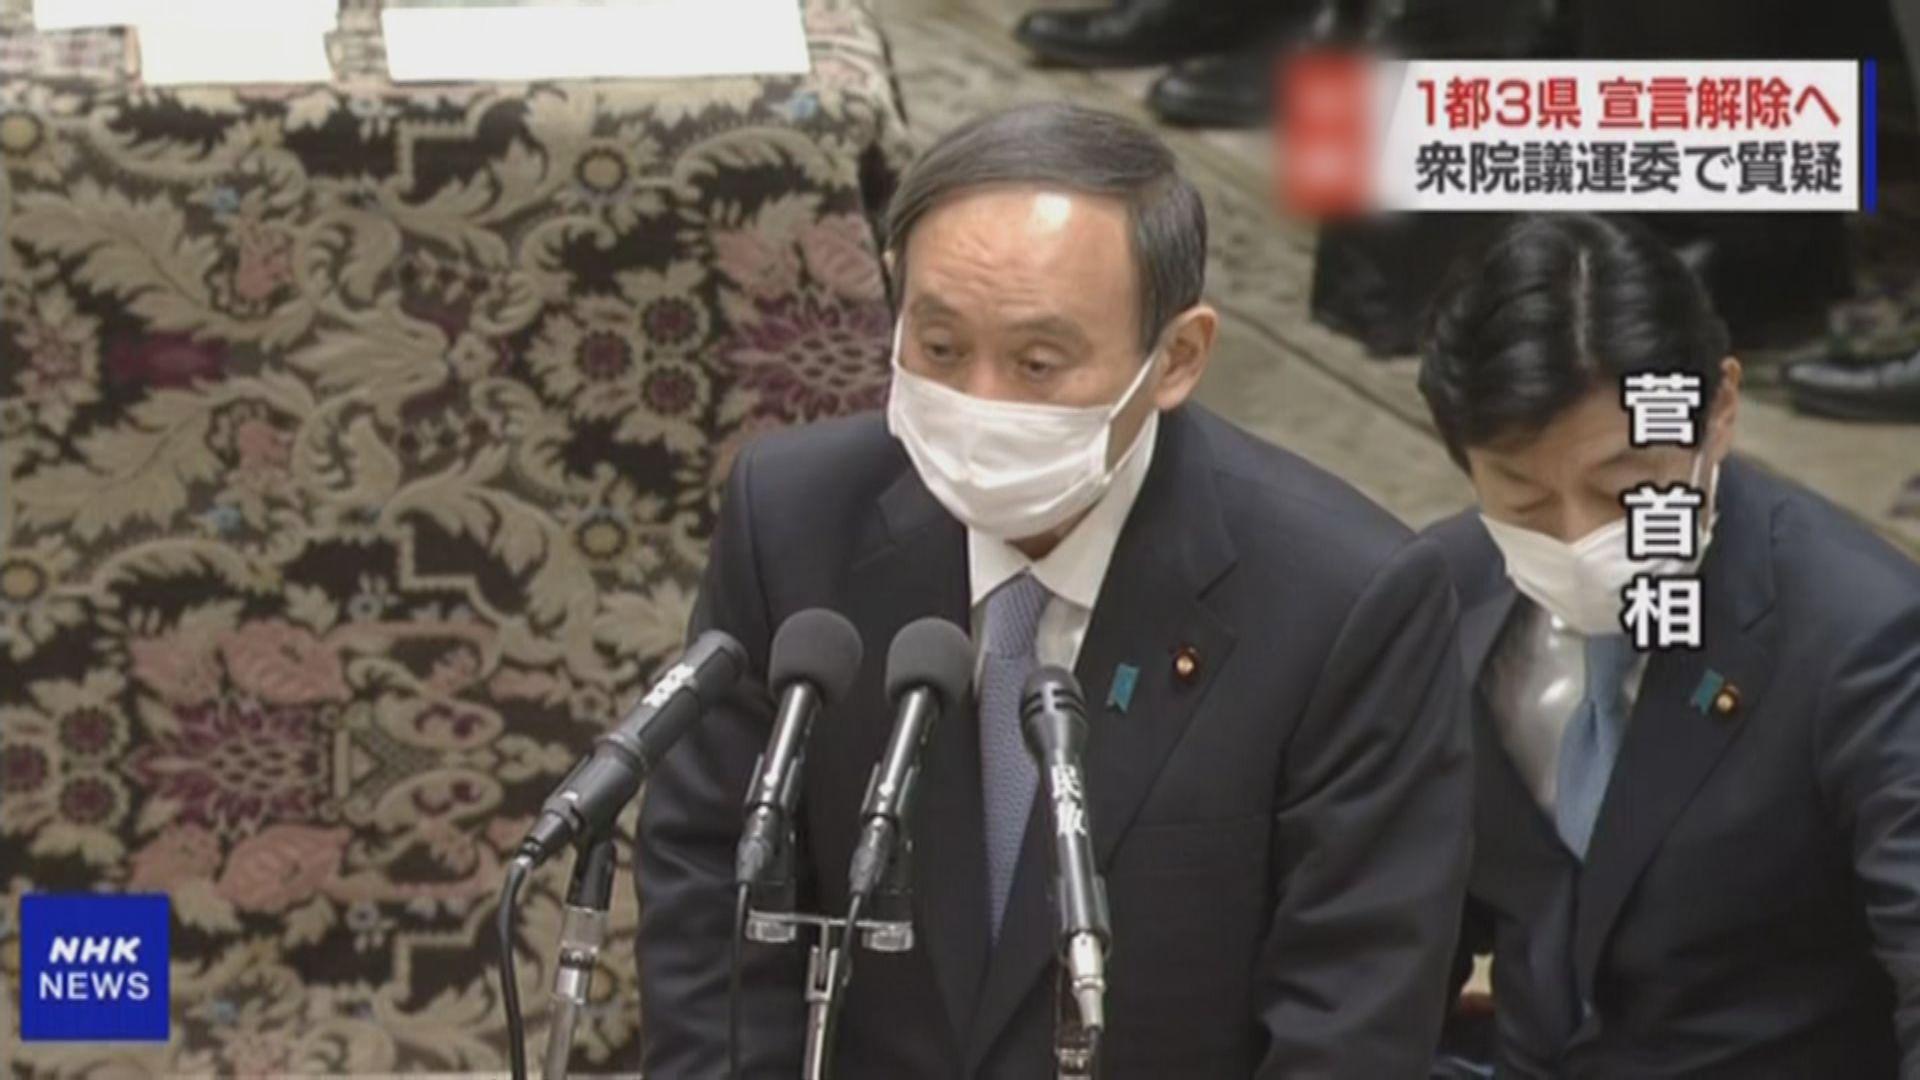 日本周日起解除東京都及三縣緊急狀態